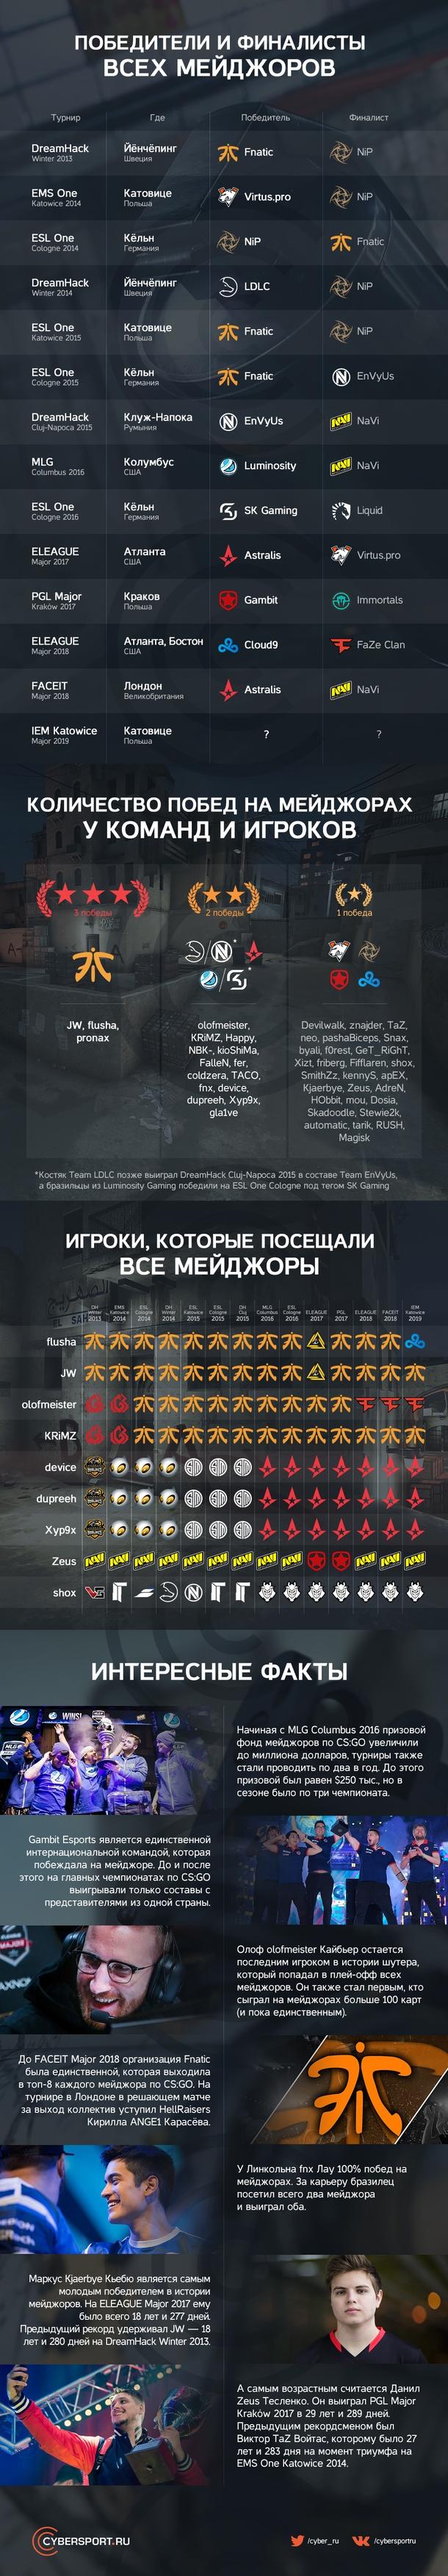 Cybersport.ru